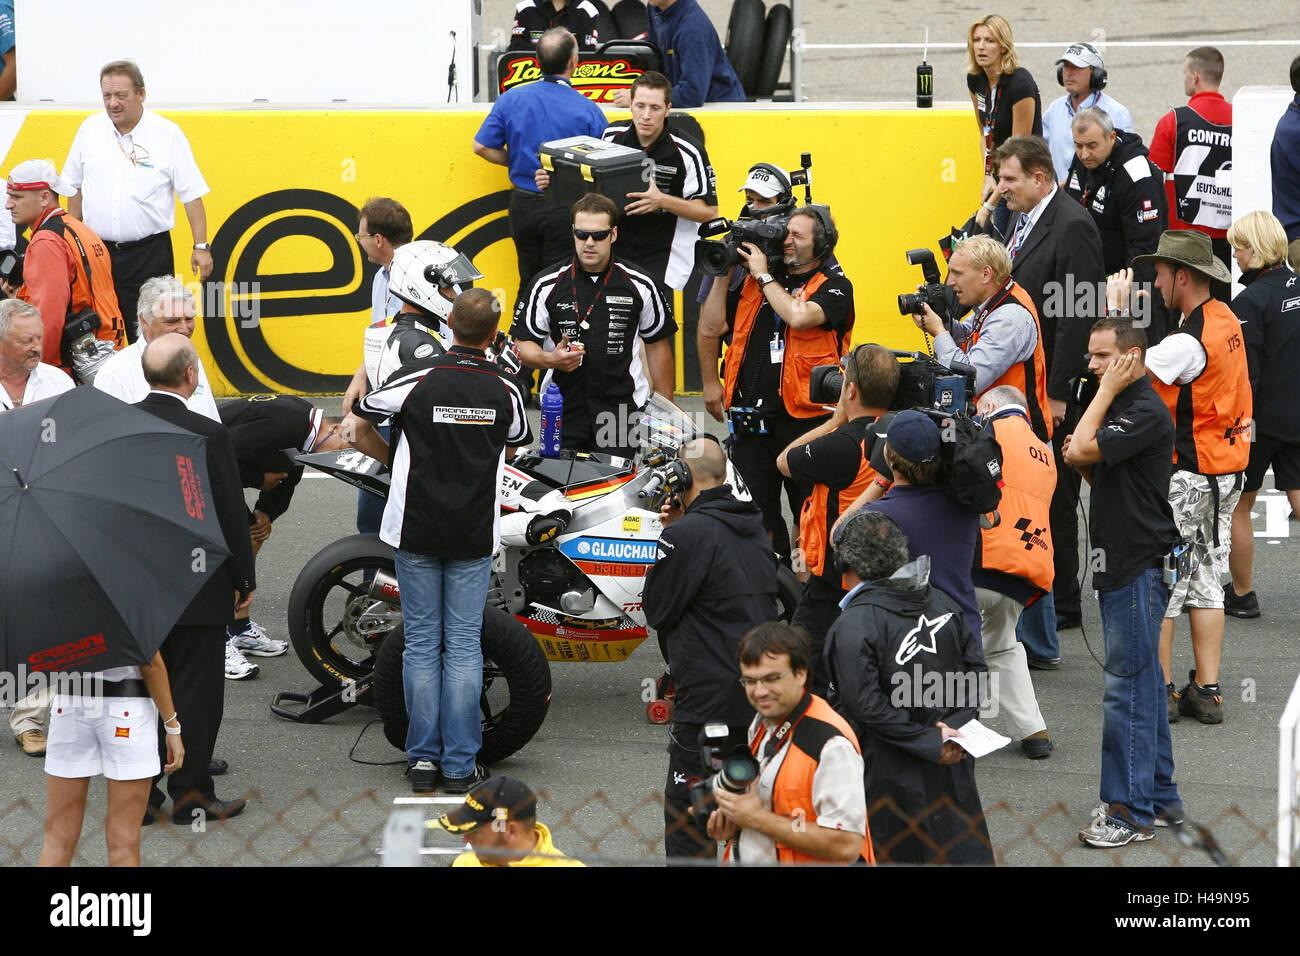 De l'ambiance, l'Allemagne Moto GP, anneau de Saxon, ligne de départ, l'équipe, Photo Stock